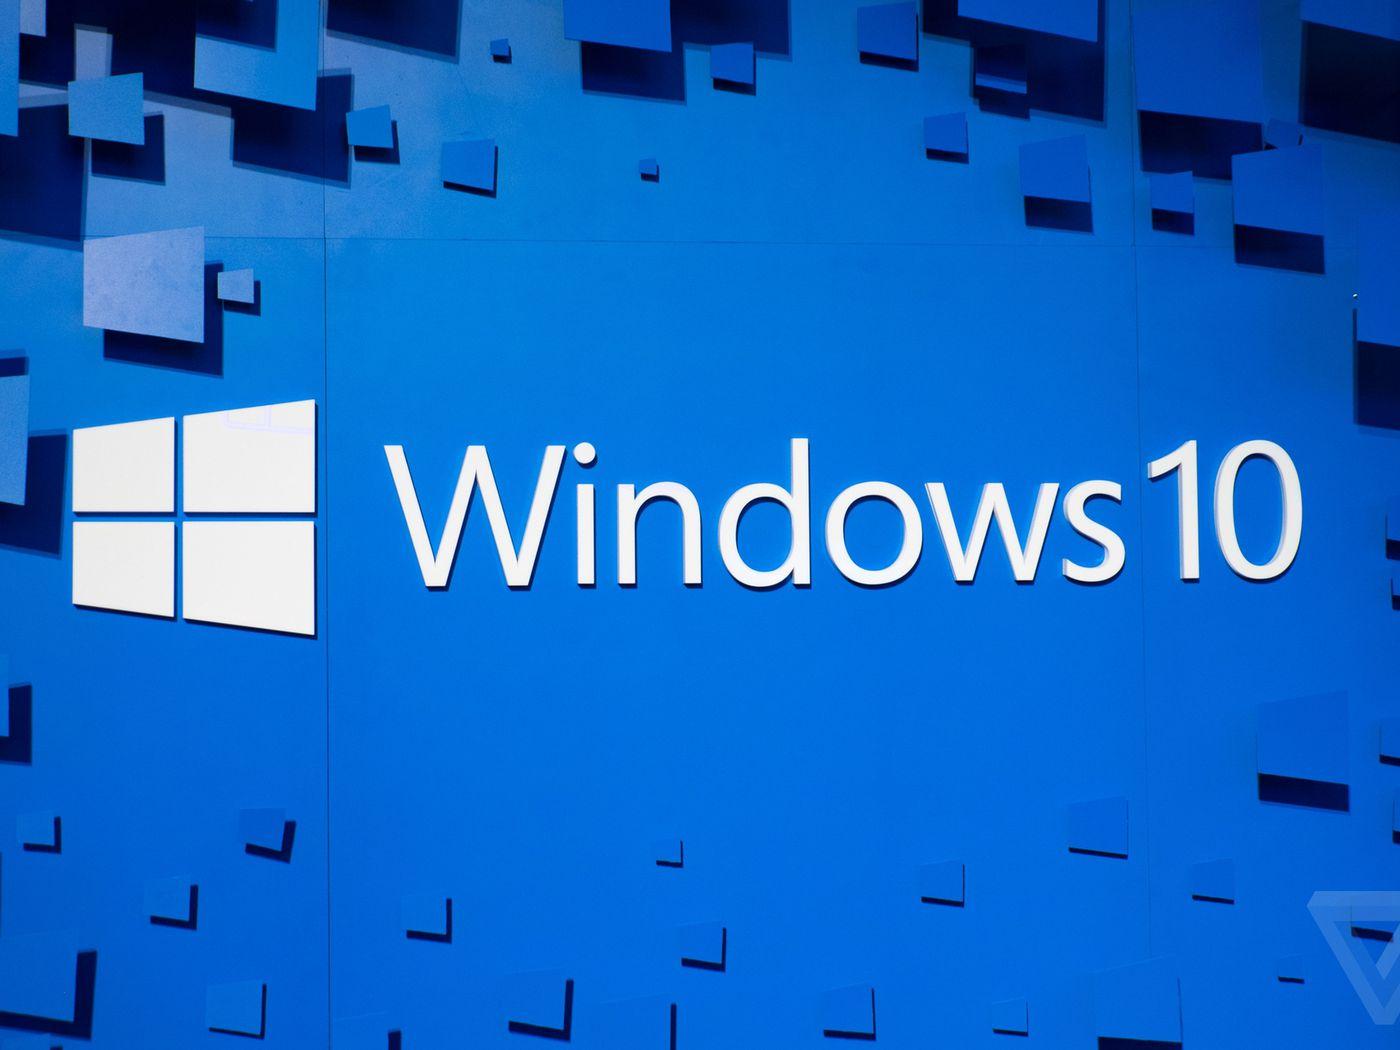 Εντοπίστηκε σοβαρό κενό ασφαλείας στο λειτουργικό σύστημα Windows 10 - Φωτογραφία 1